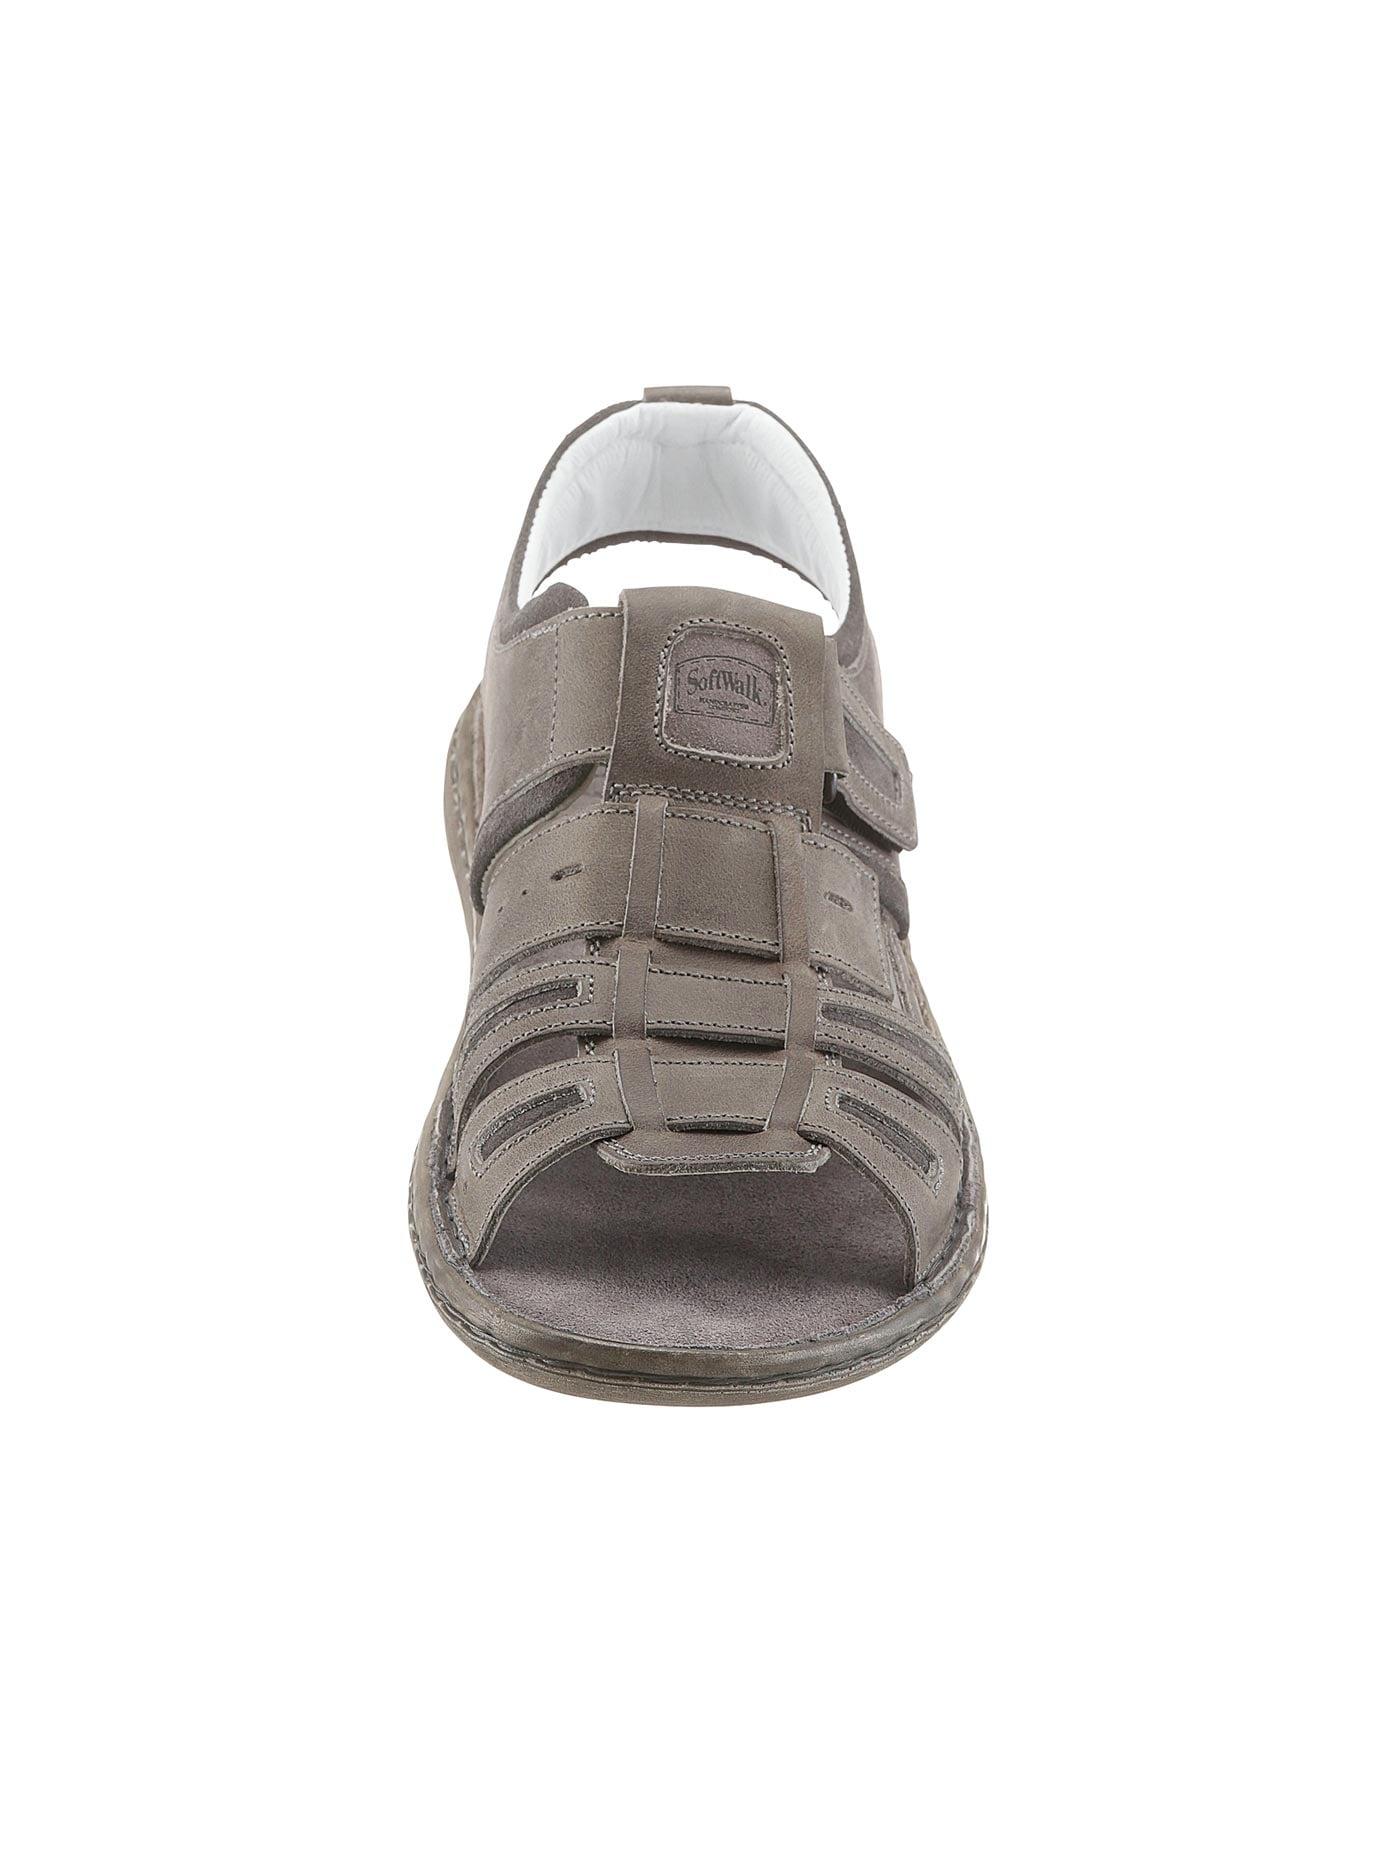 SoftWalk Sandale mit weichem Leder-Fubett Leder-Fubett Leder-Fubett per Rechnung | Gutes Preis-Leistungs-Verhältnis, es lohnt sich 86bf13